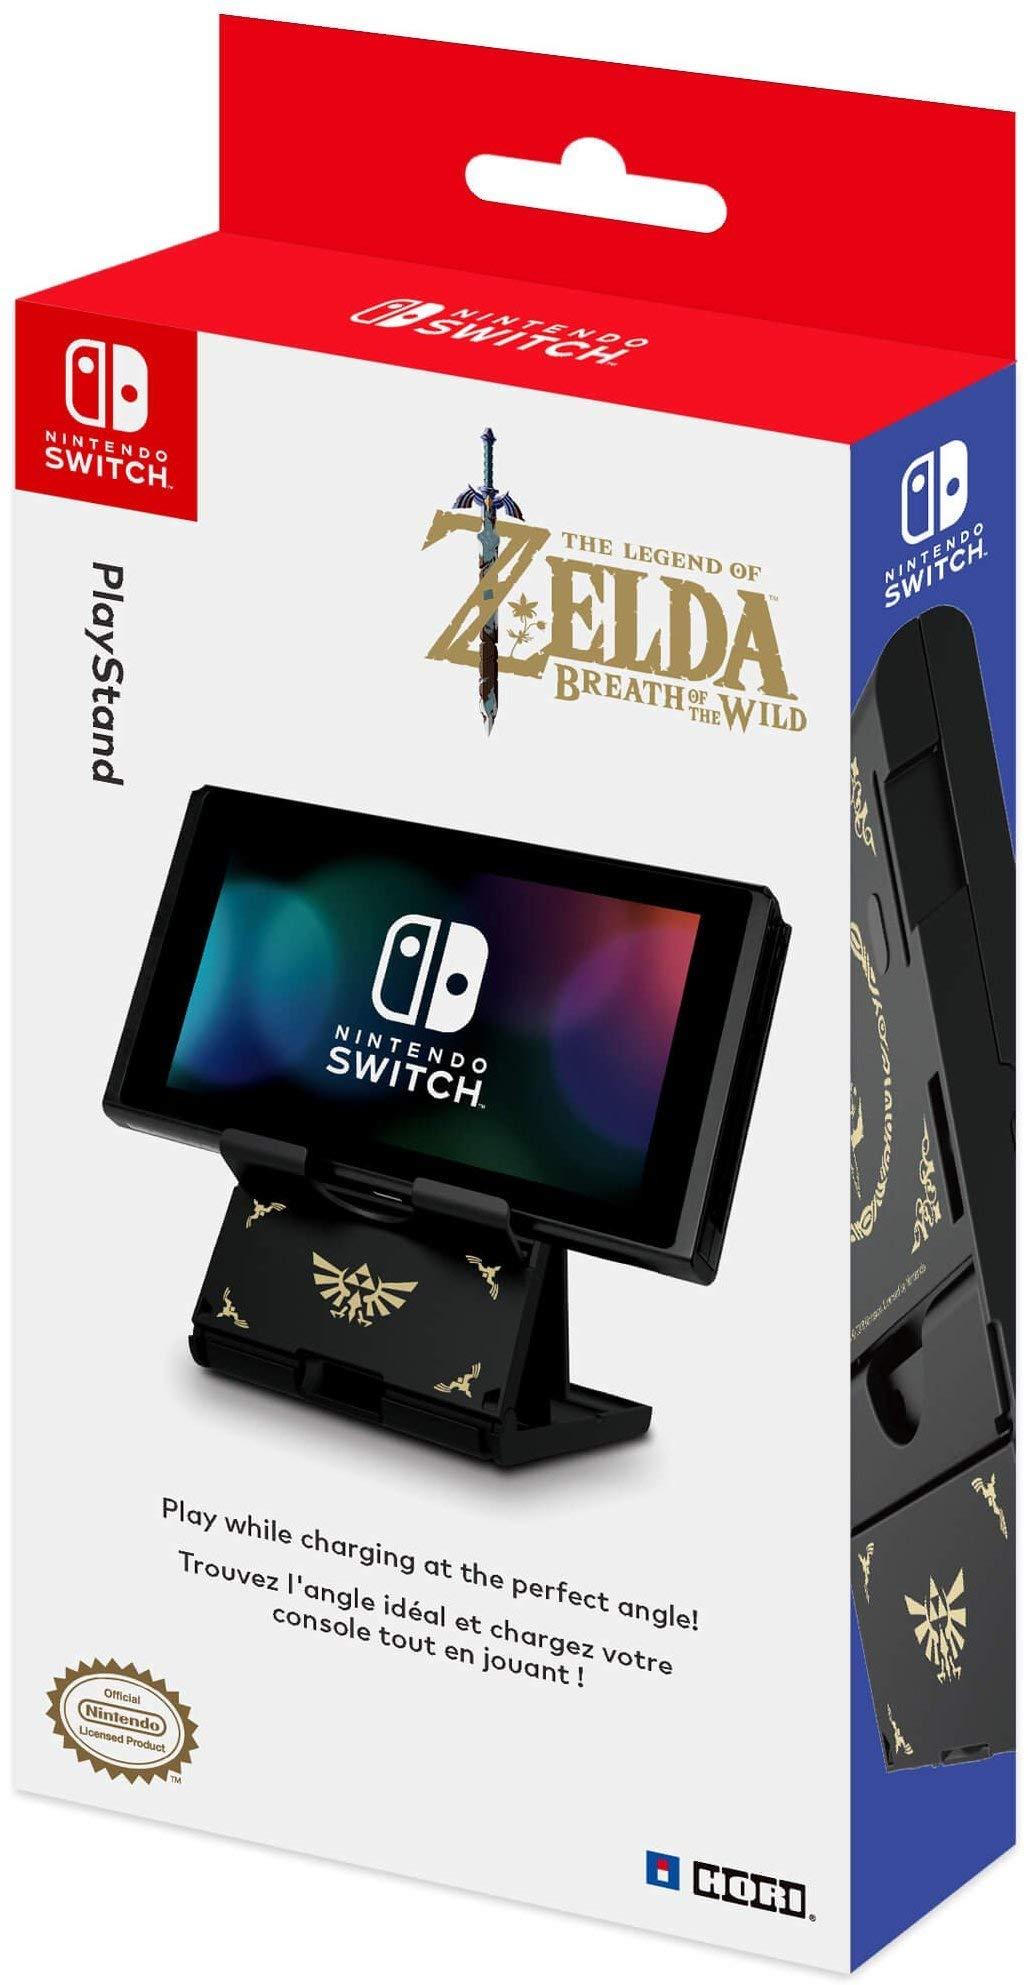 Top Accessoires pour Nintendo Switch selon les notes Amazon.fr